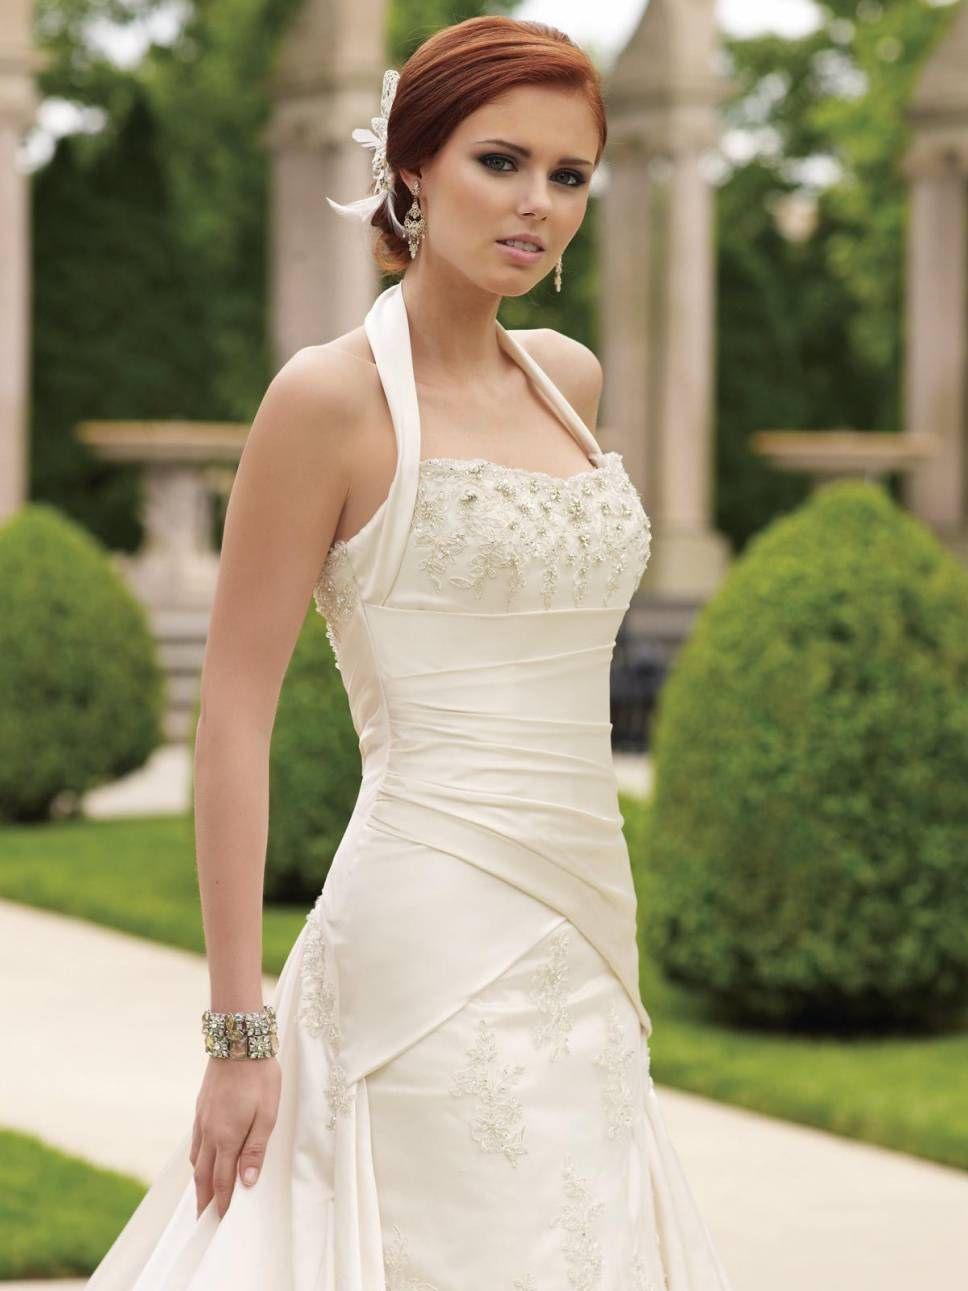 70 Halter Neck Wedding Dresses Australia Informal Wedding Dresses For Older Brides Check More At Http Svesty Com Halter Neck Wedding Dresses Australia